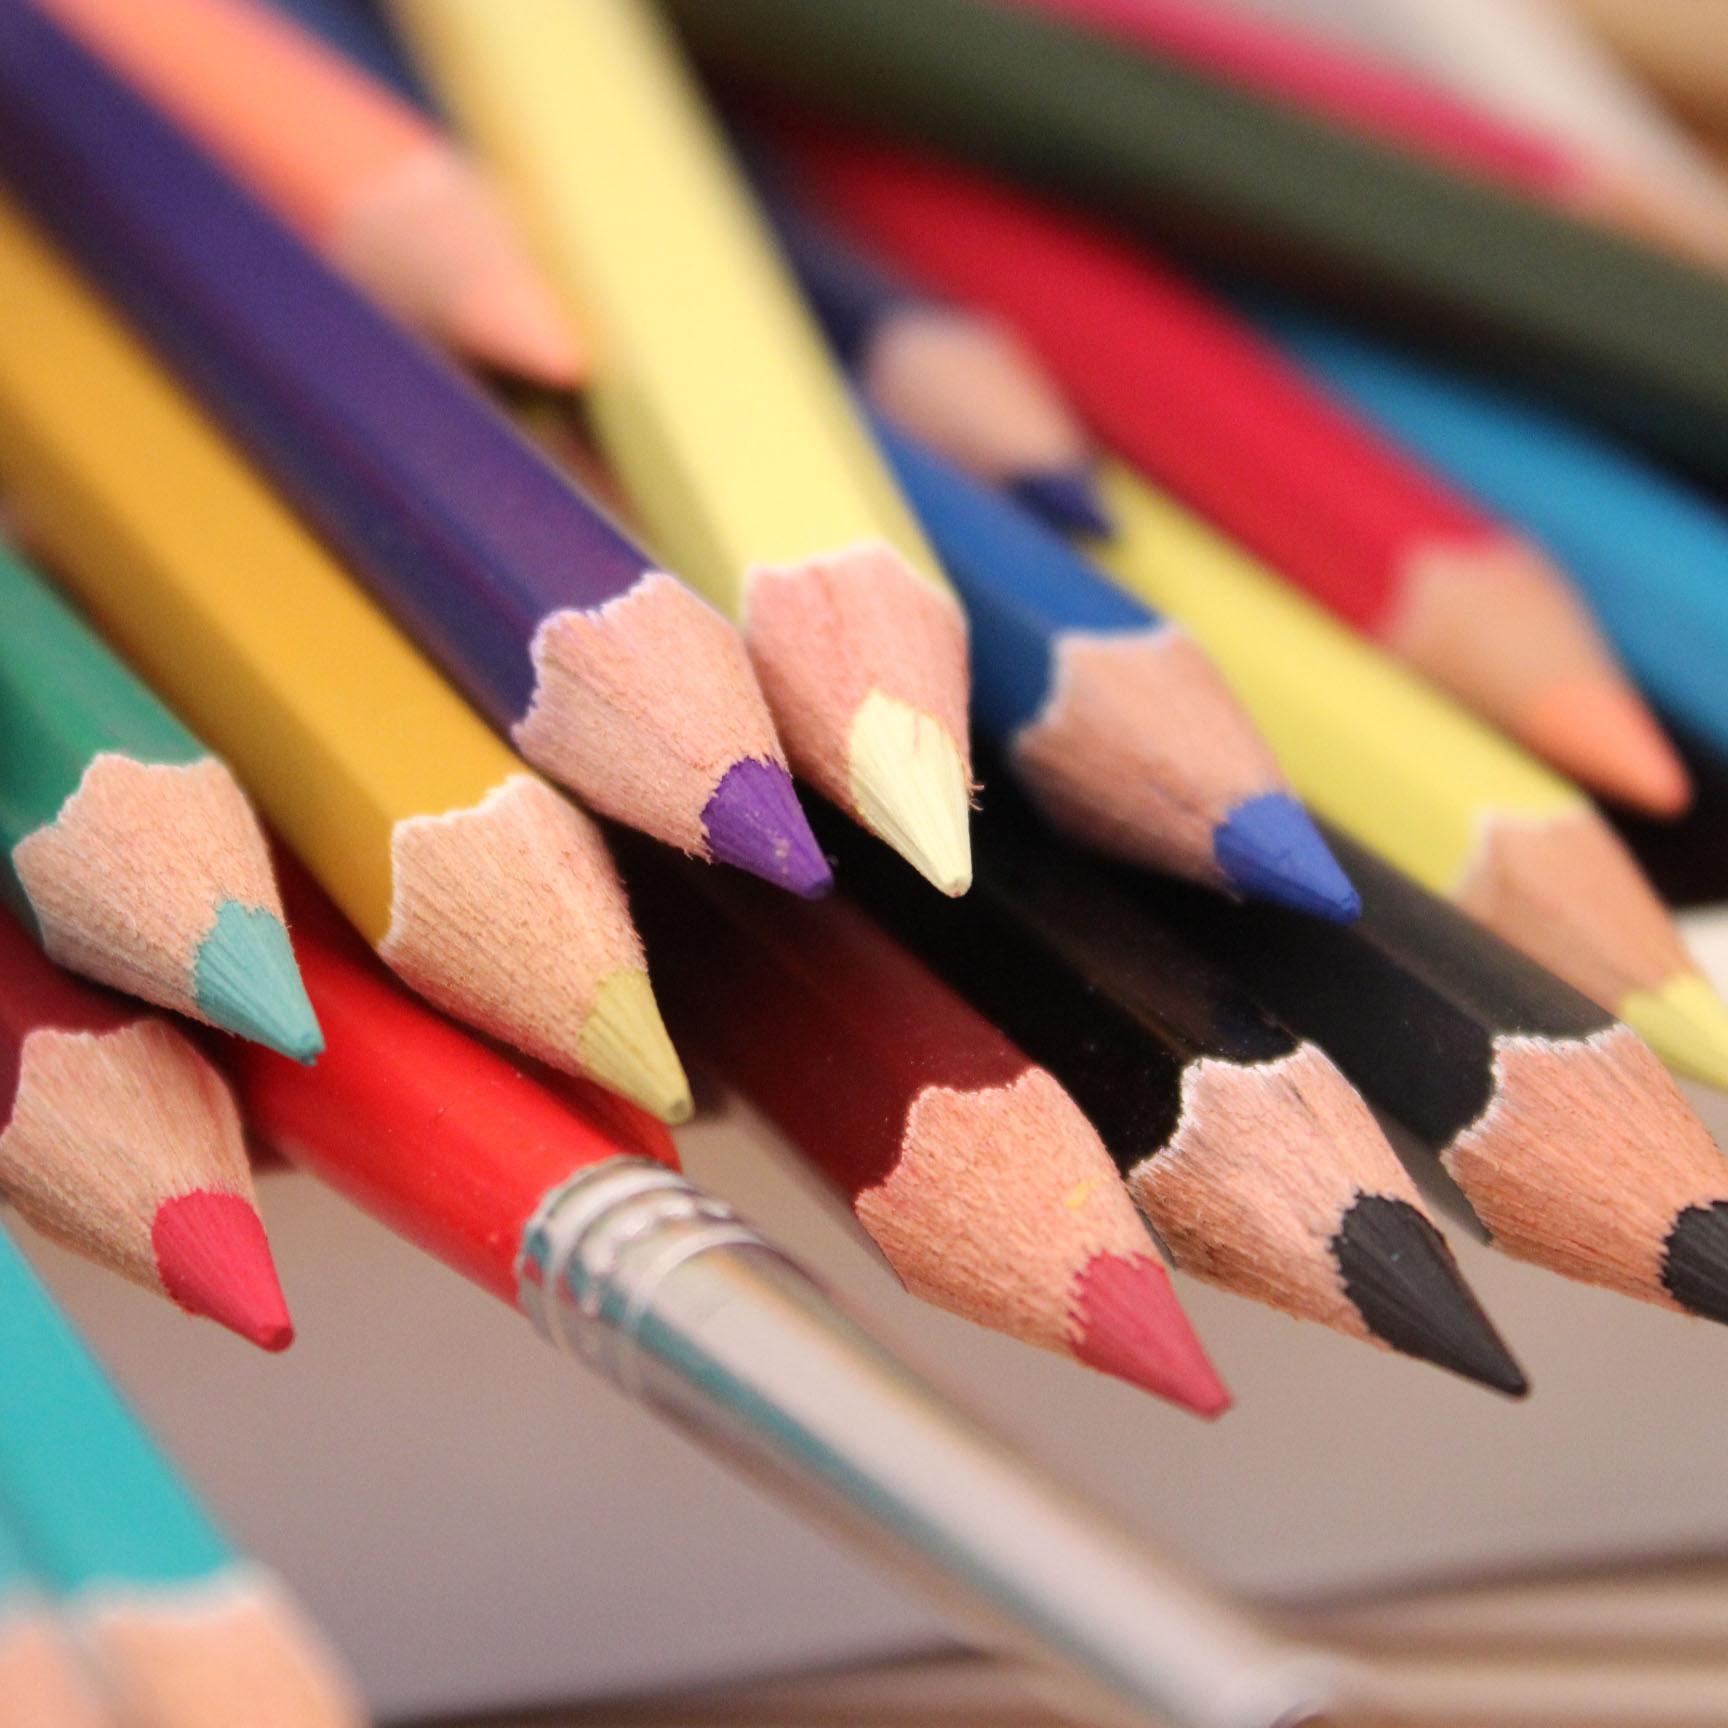 students prize creative 12/18/36/48 color lead Avoid cut wood <font><b>core</b></font> pen